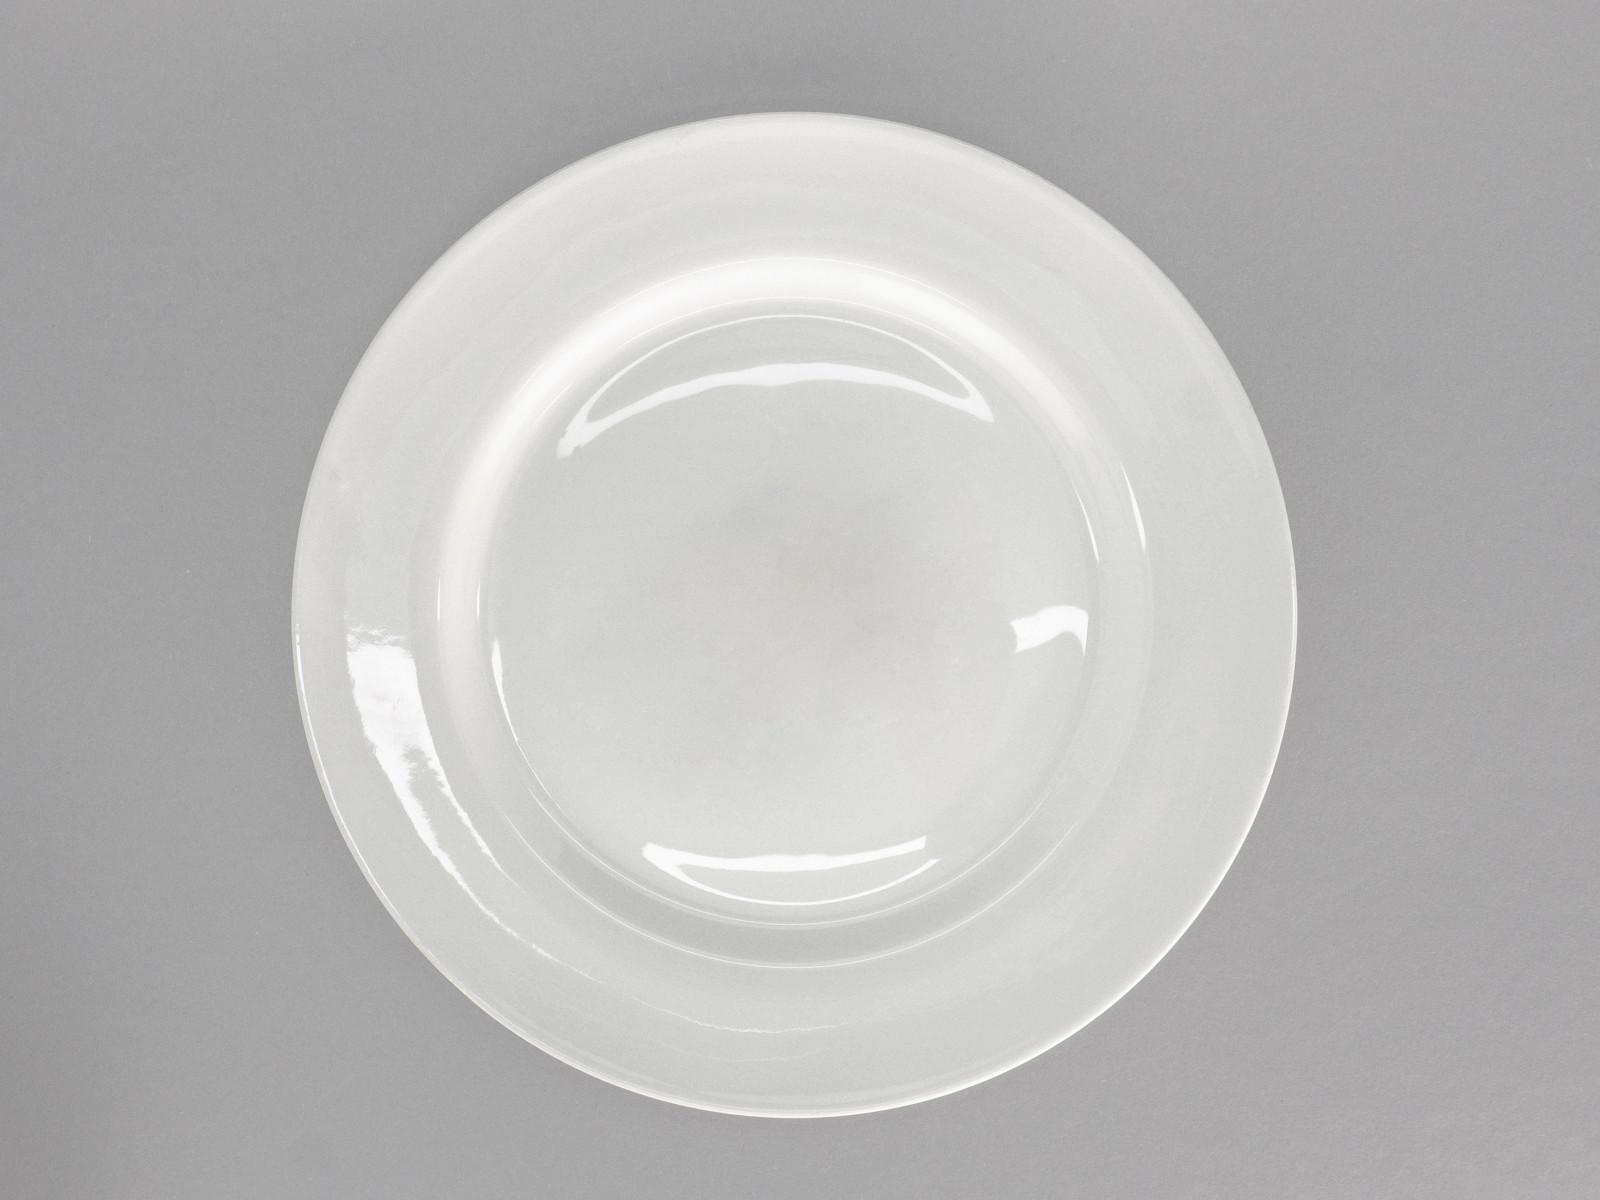 Тарілка десертна кругла 18см Wilmax WL-991005